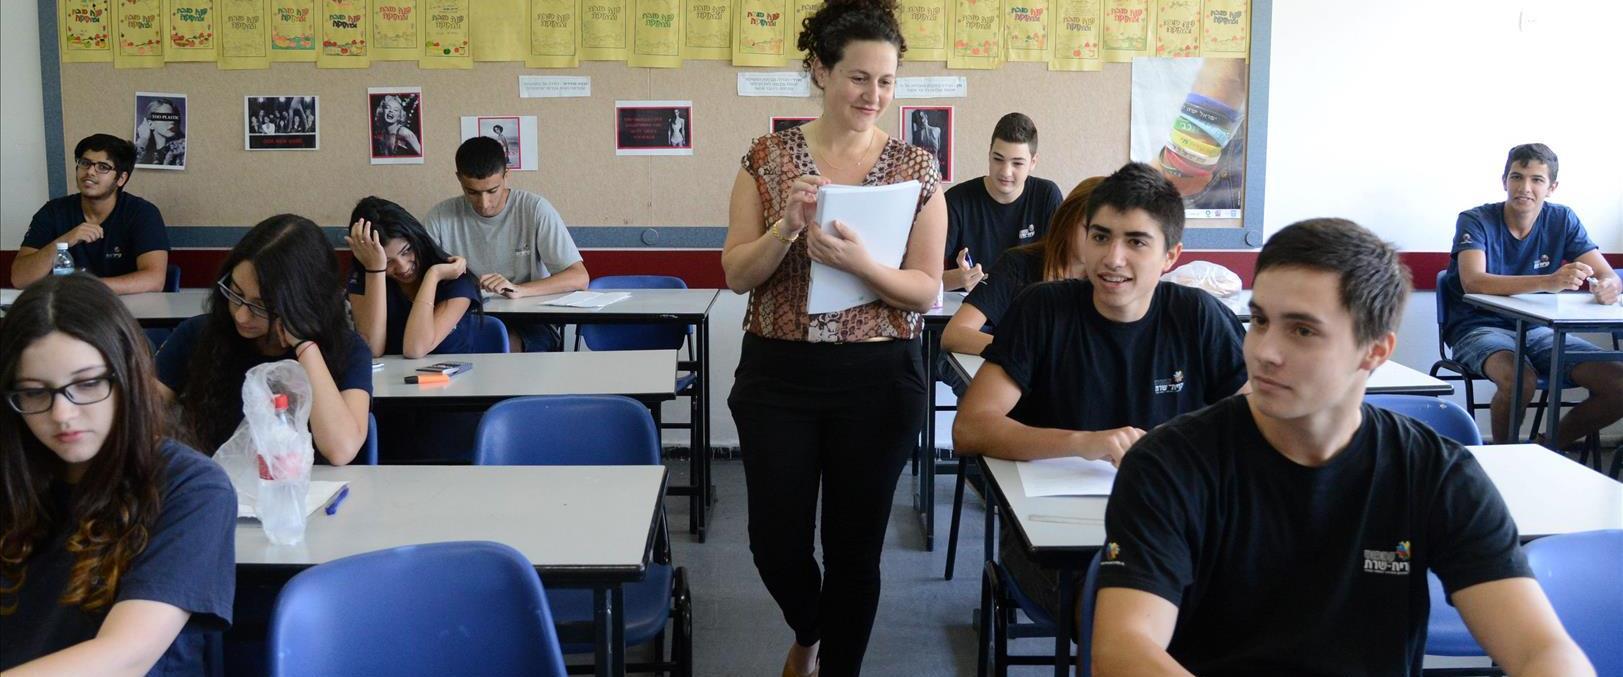 נערים ונערות בכיתה